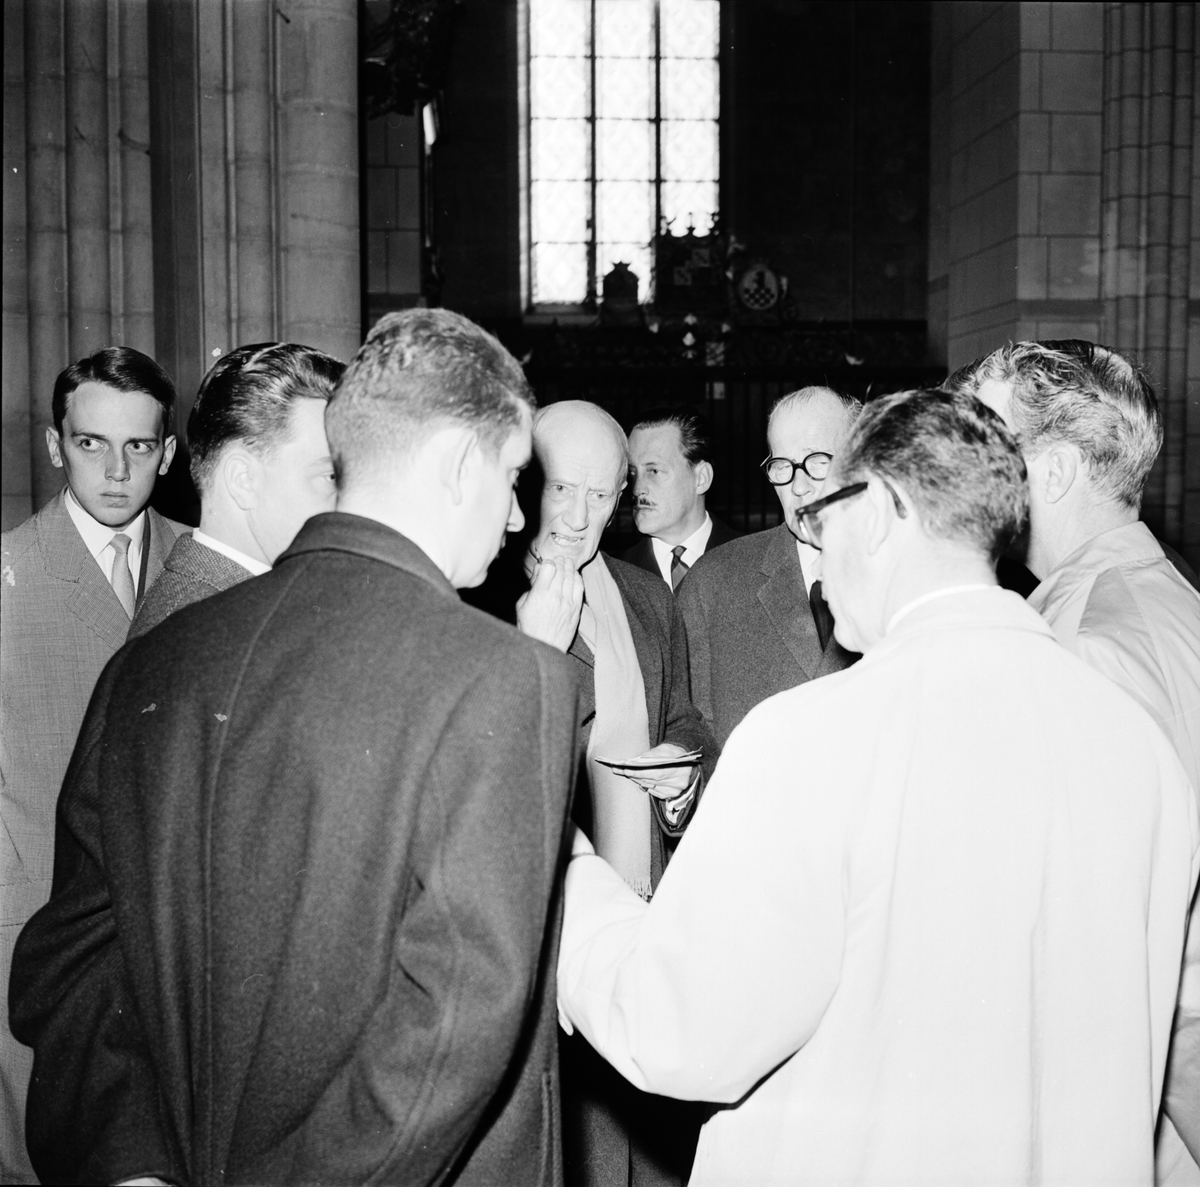 Dag Hammarskjölds begravning. Förberedelser och efterdyningar. Uppsala september 1961